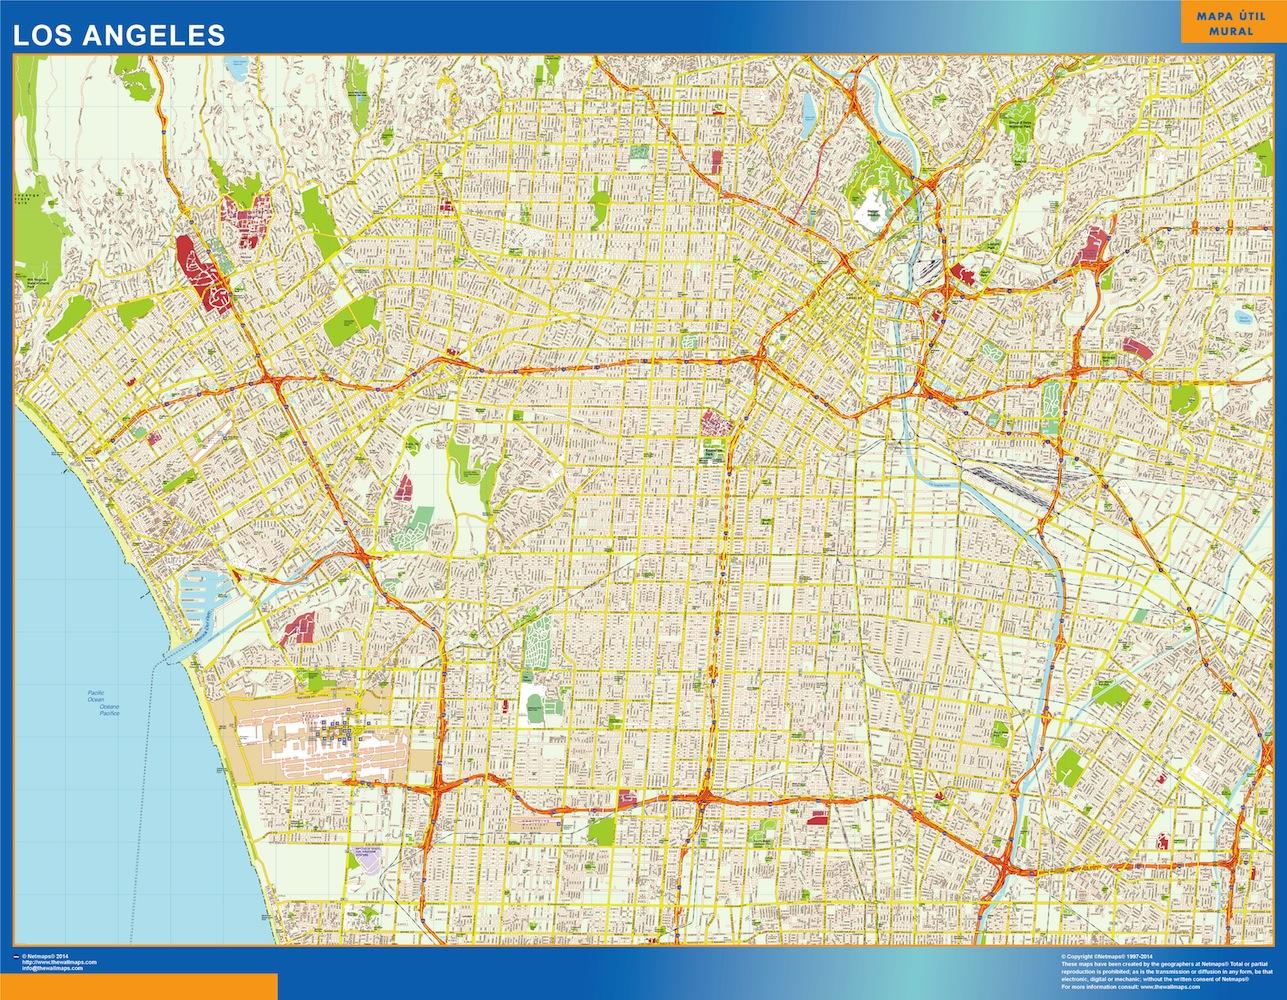 Mapa De Sevilla Capital.Mapa De Los Angeles Vinilo Adhesivo